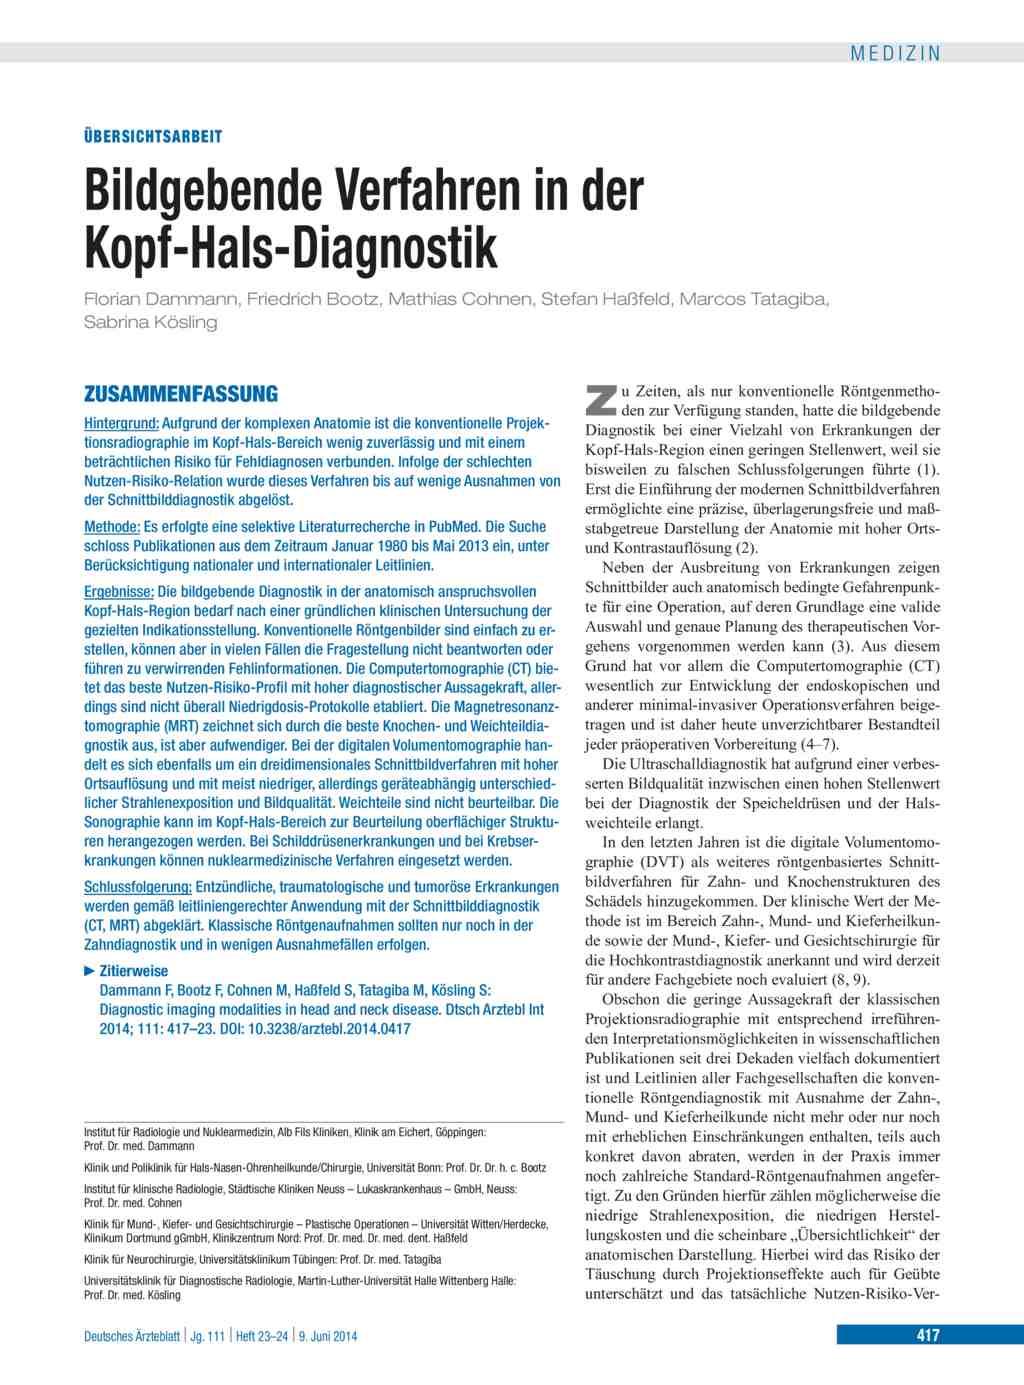 Bildgebende Verfahren in der Kopf-Hals-Diagnostik